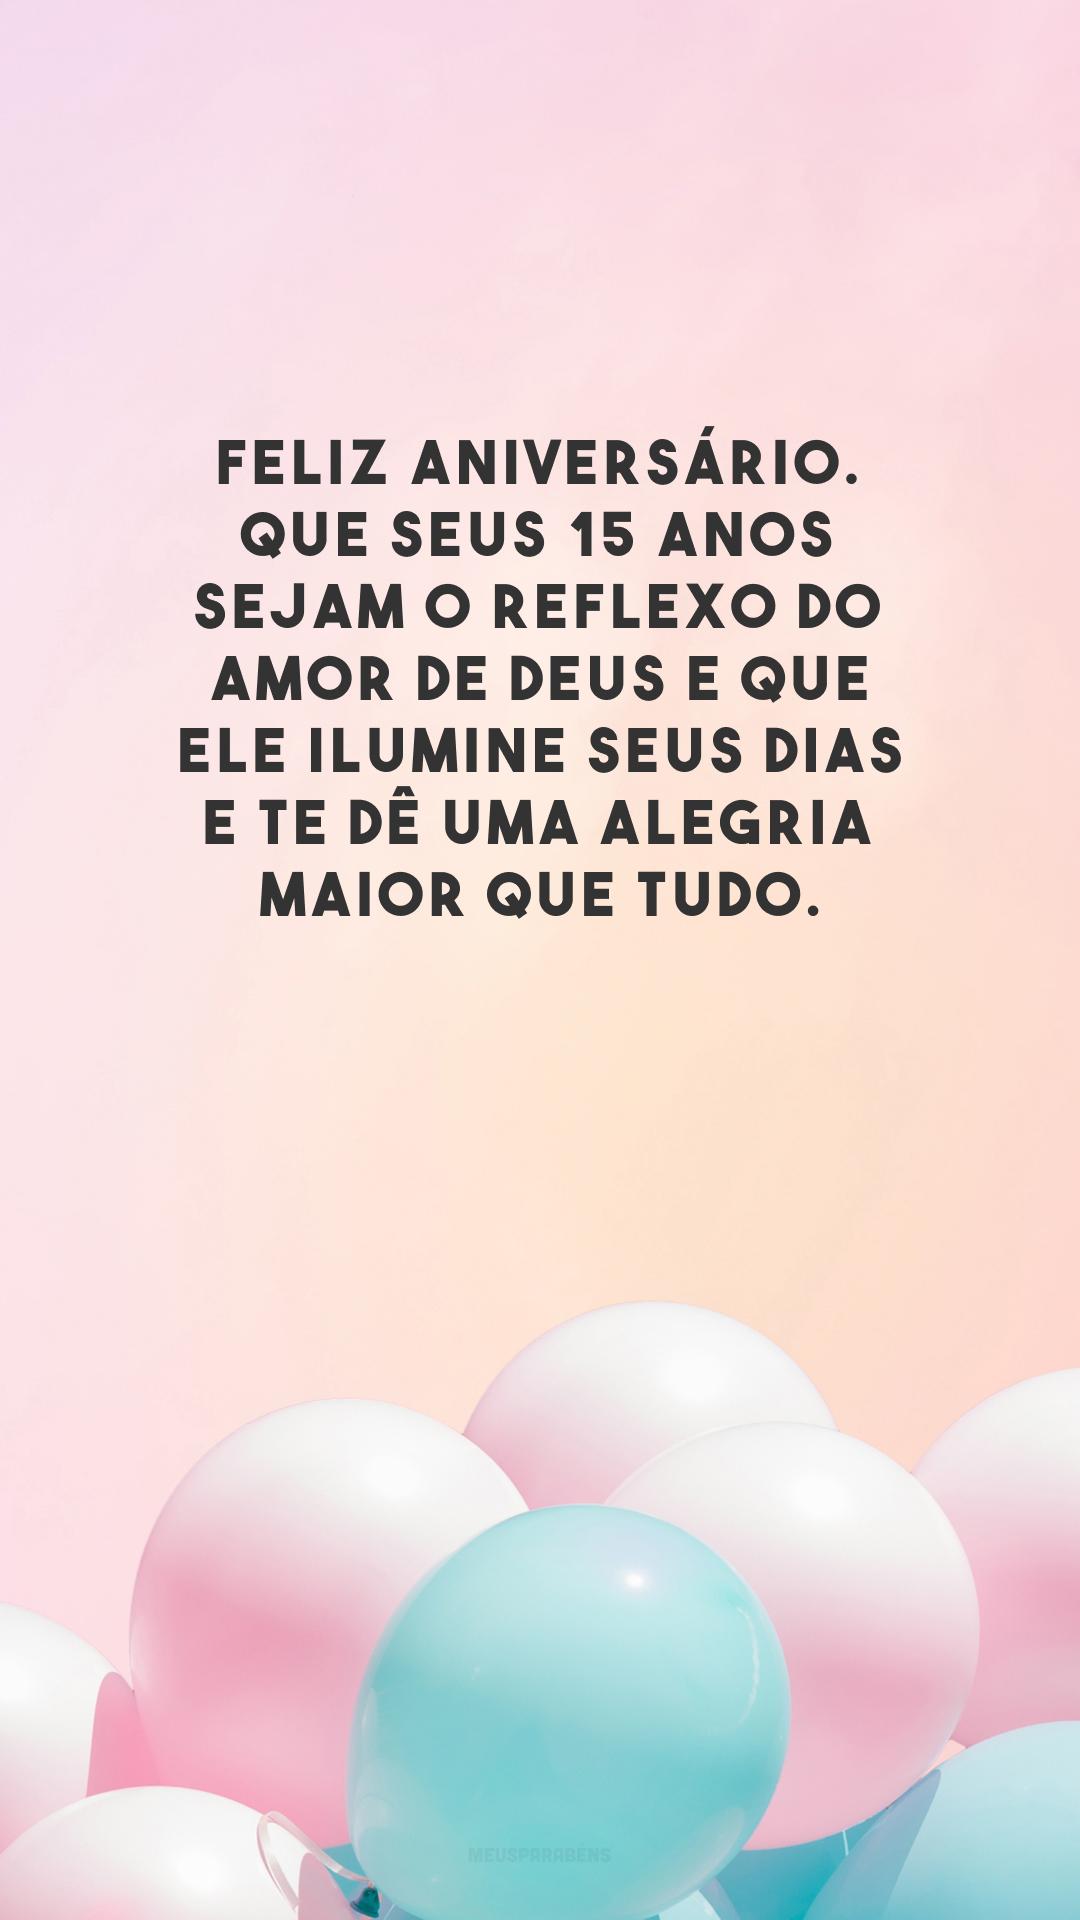 Feliz aniversário. Que seus 15 anos sejam o reflexo do amor de Deus e que Ele ilumine seus dias e te dê uma alegria maior que tudo.